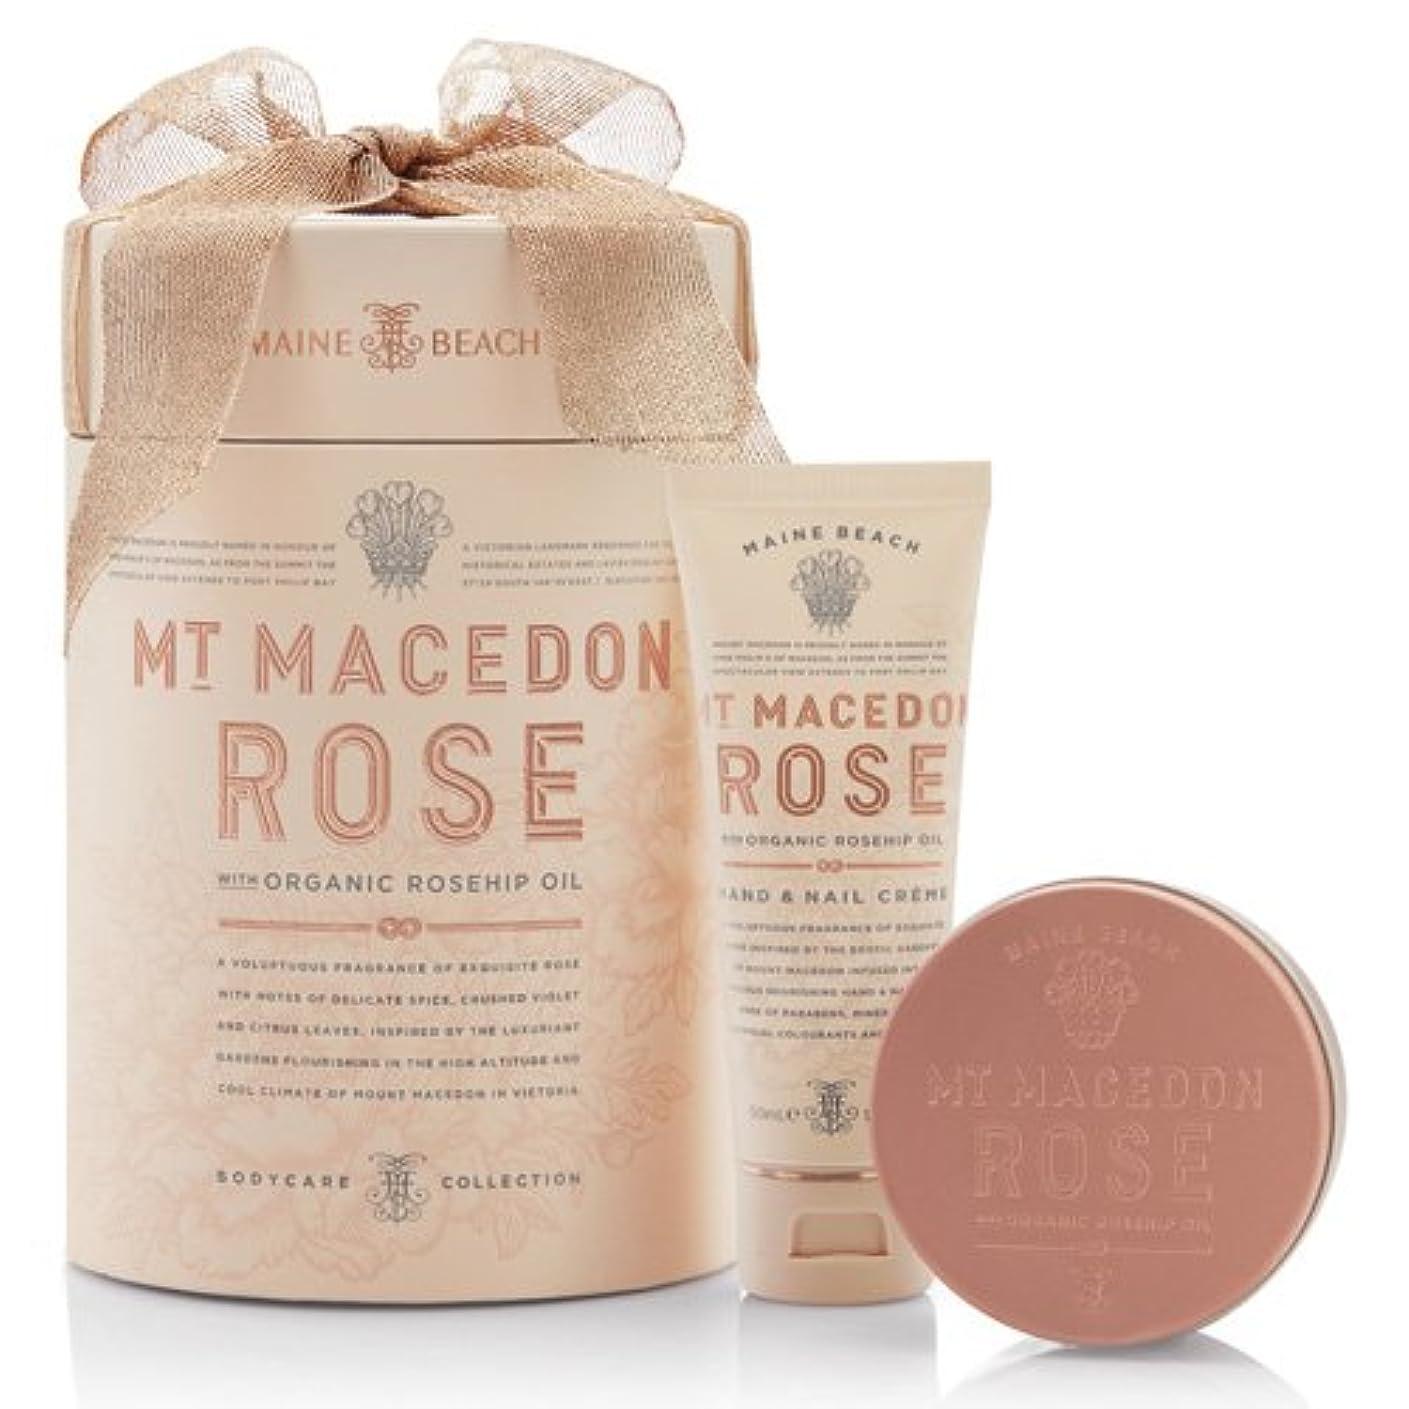 仕様したがって湿気の多いMAINE BEACH マインビーチ MT MACEDON ROSE マウント マセドン ローズ Duo Gift Pack